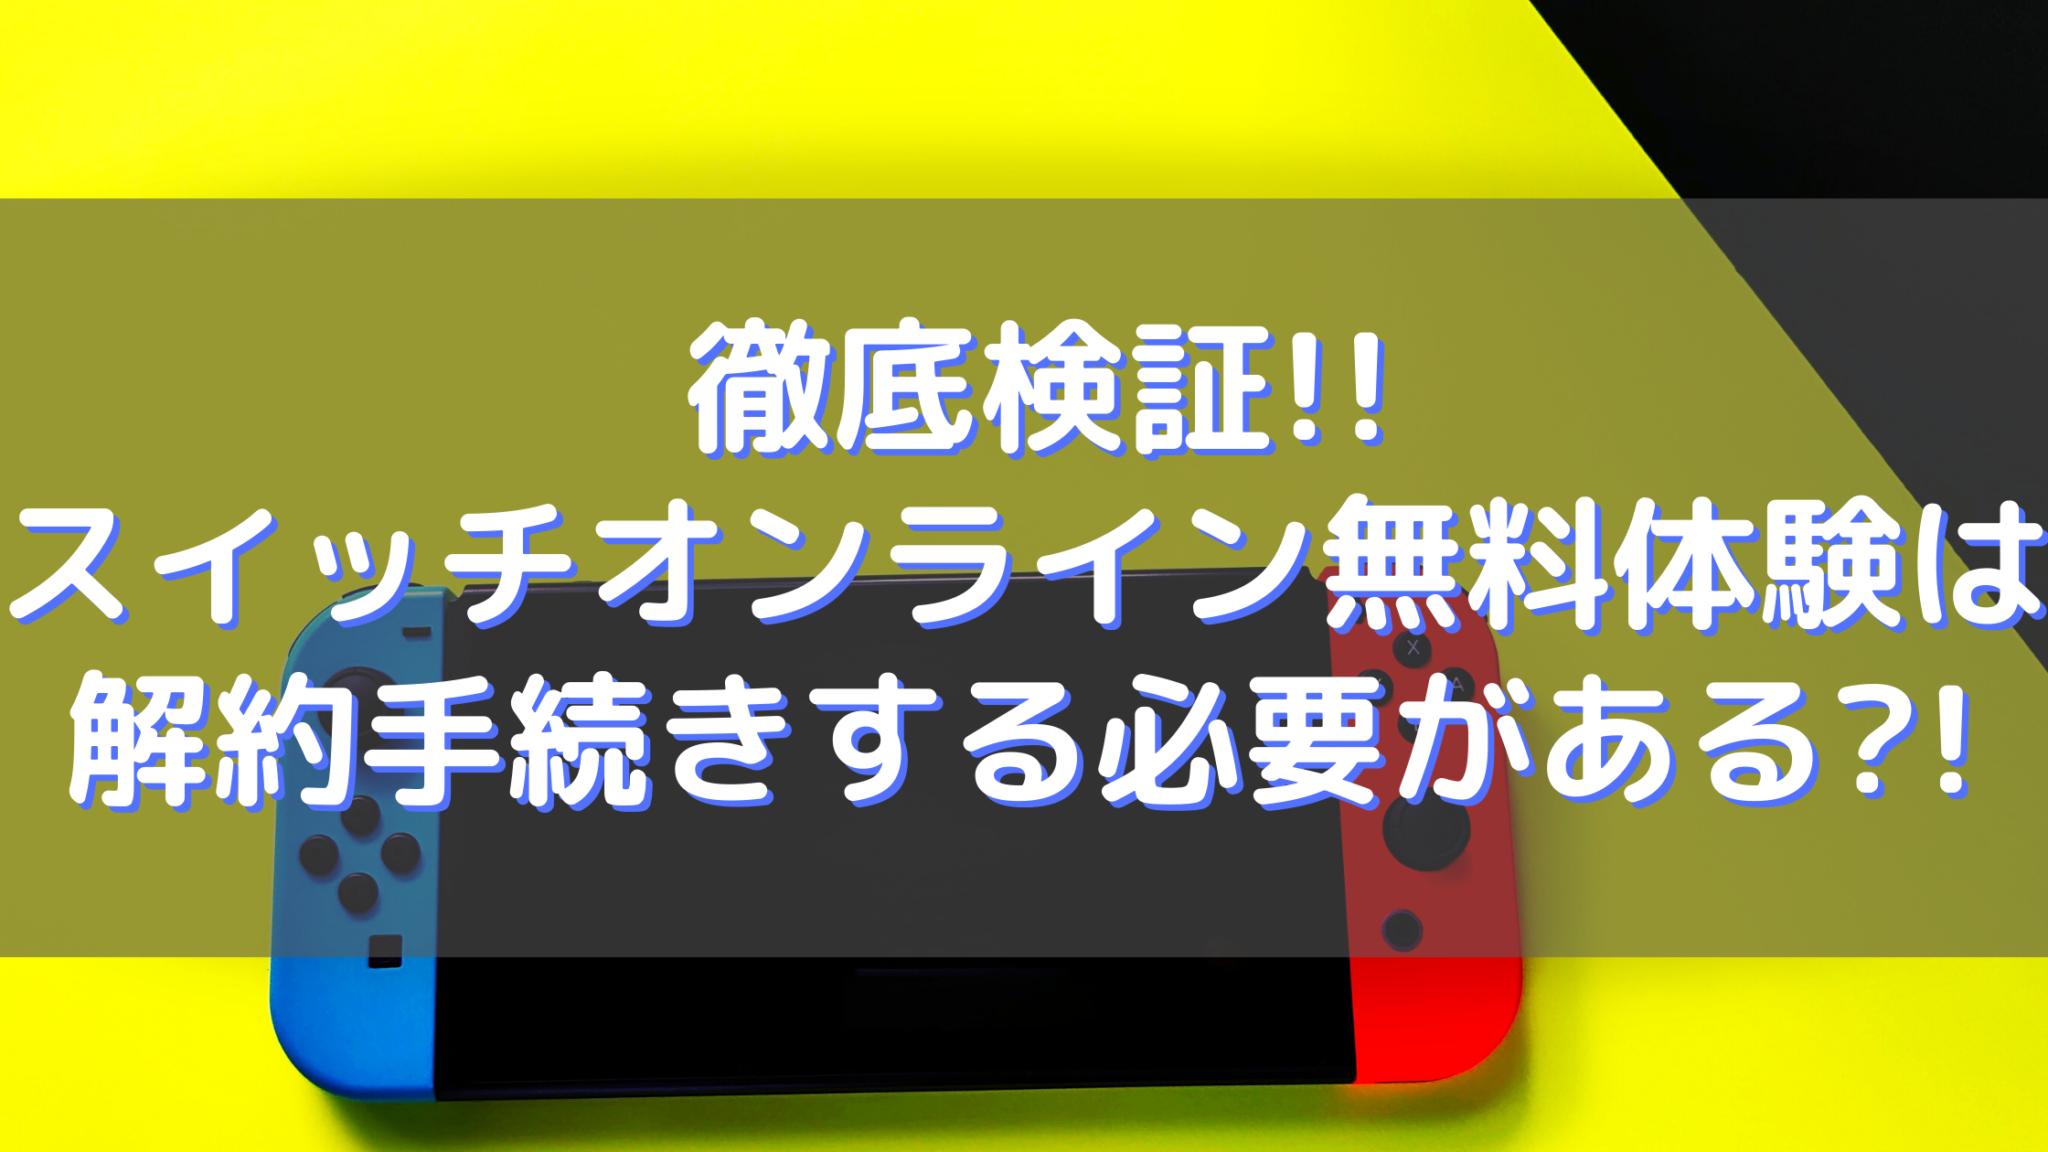 オンライン 無料 体験 任天堂 ニンテンドースイッチオンライン無料体験中に更新停止を忘れないで!!